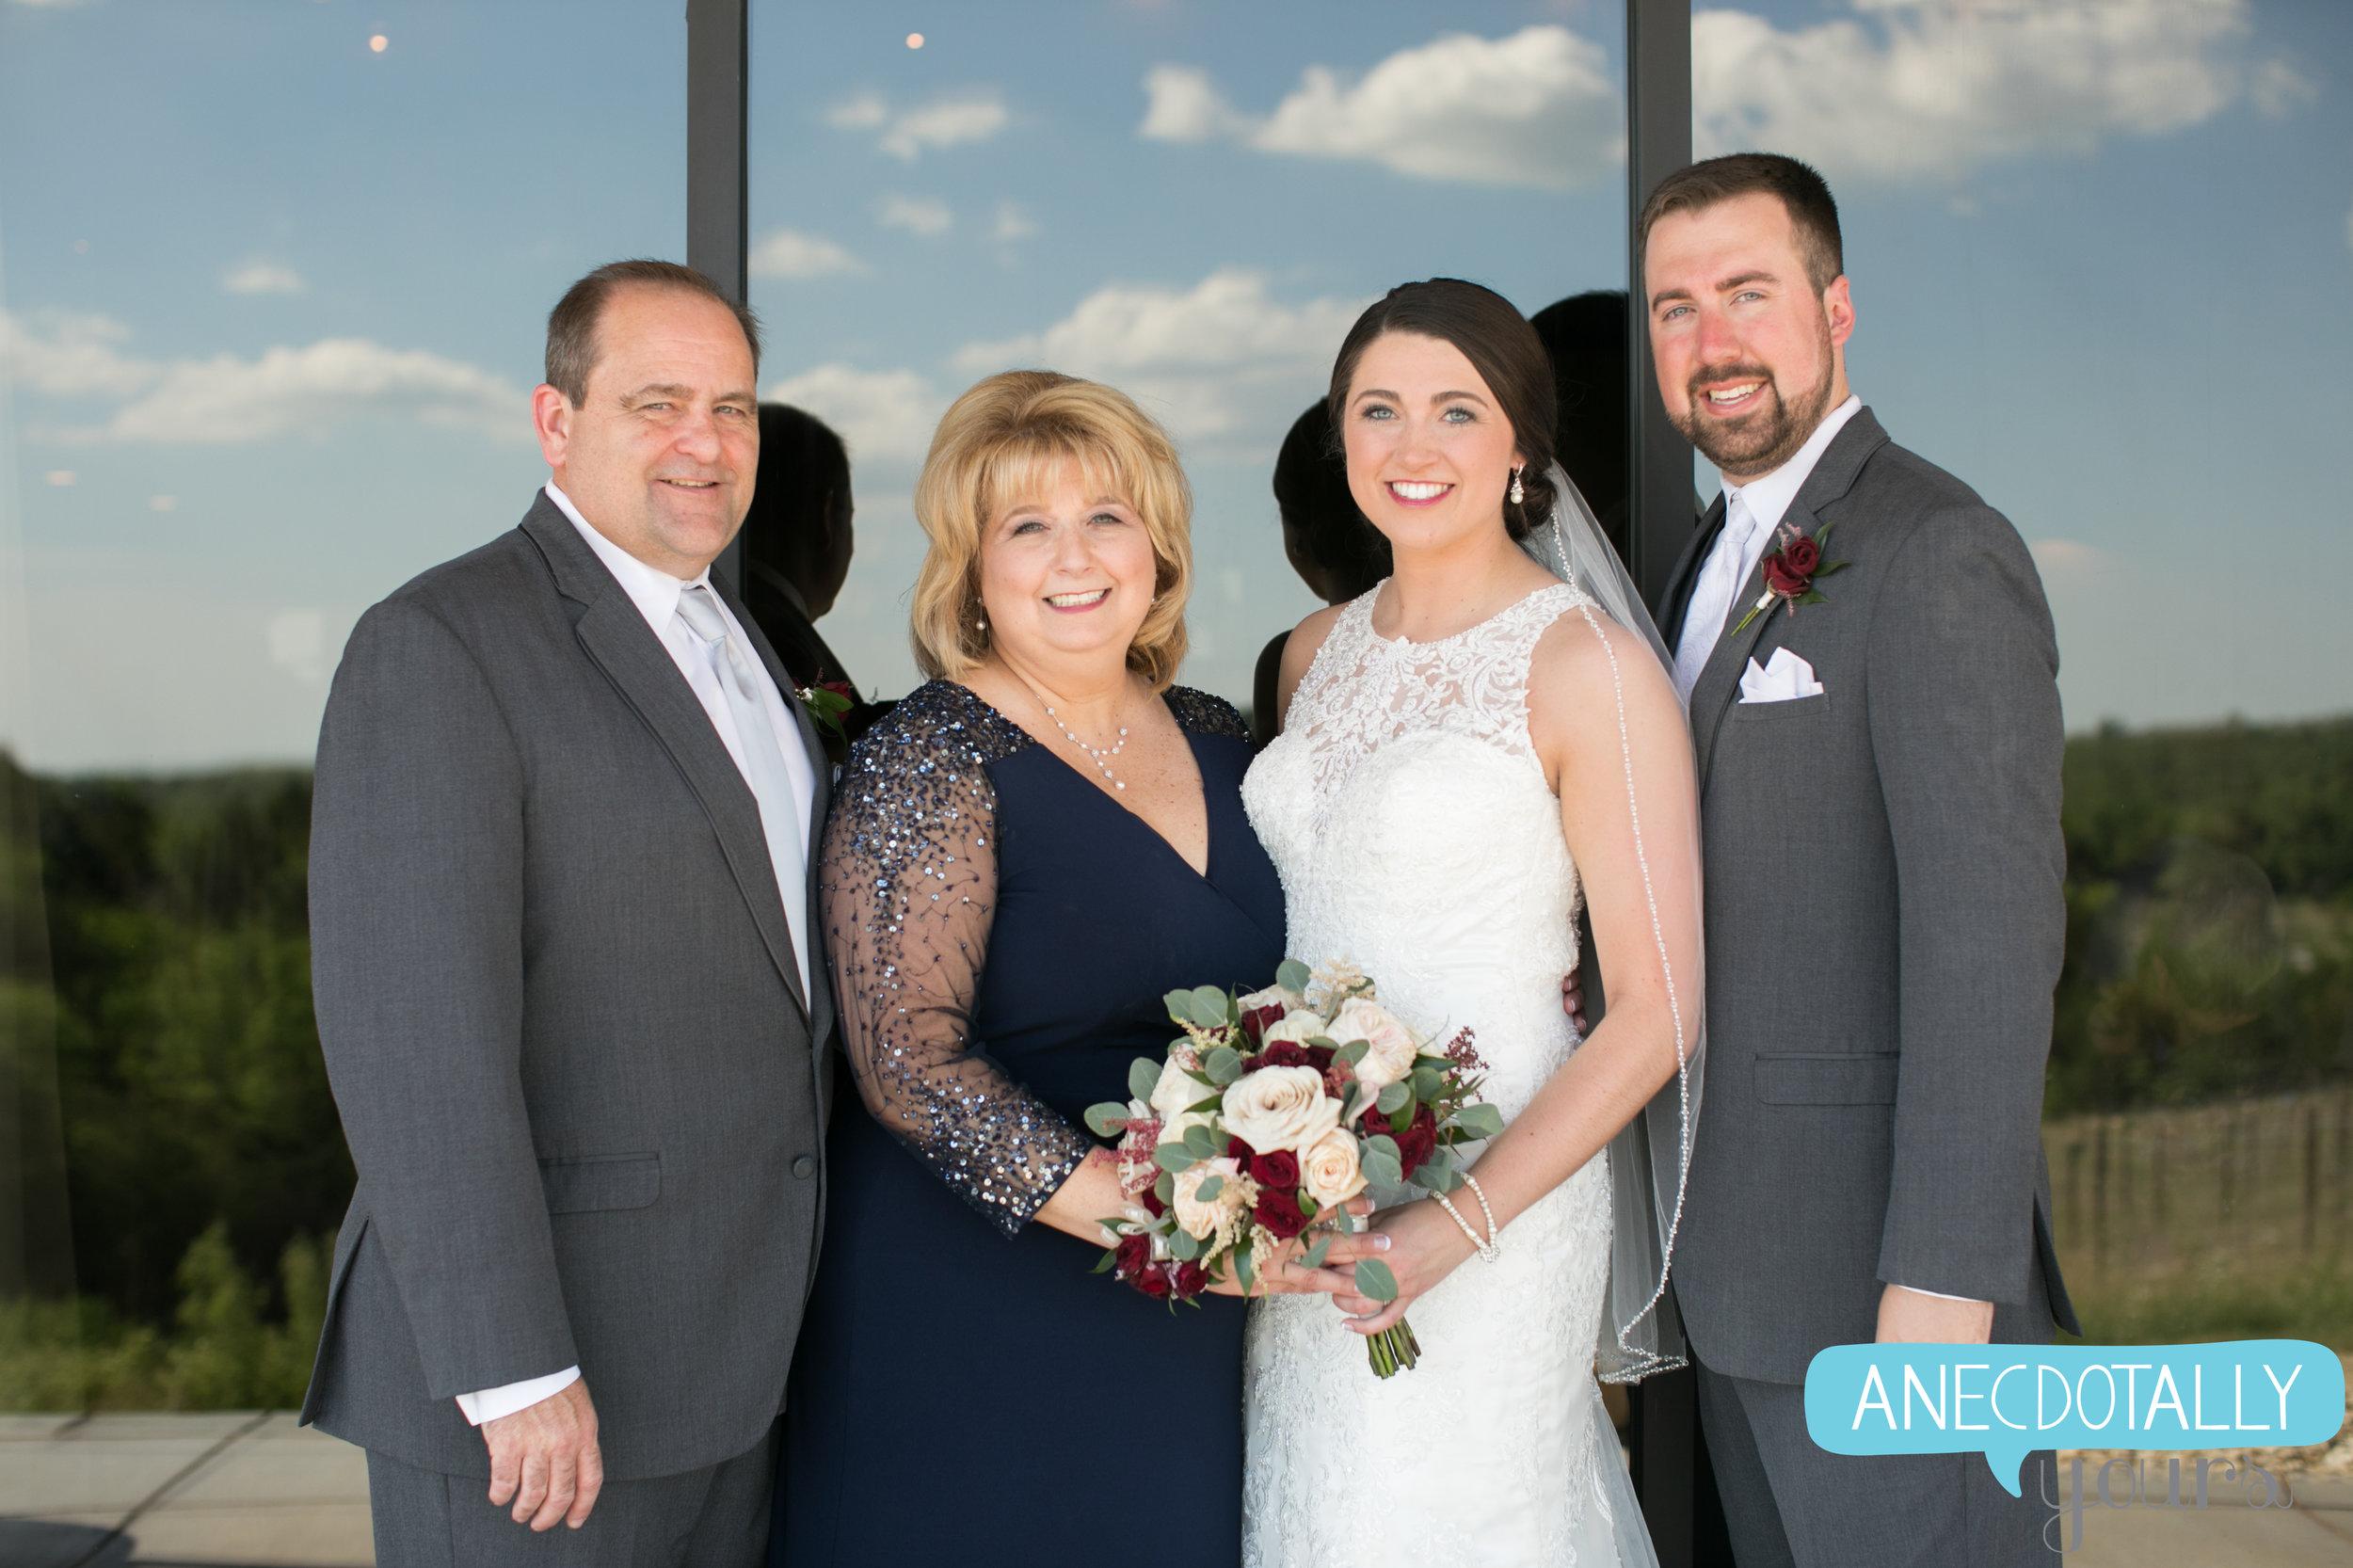 ashley-bryce-wedding-61.jpg